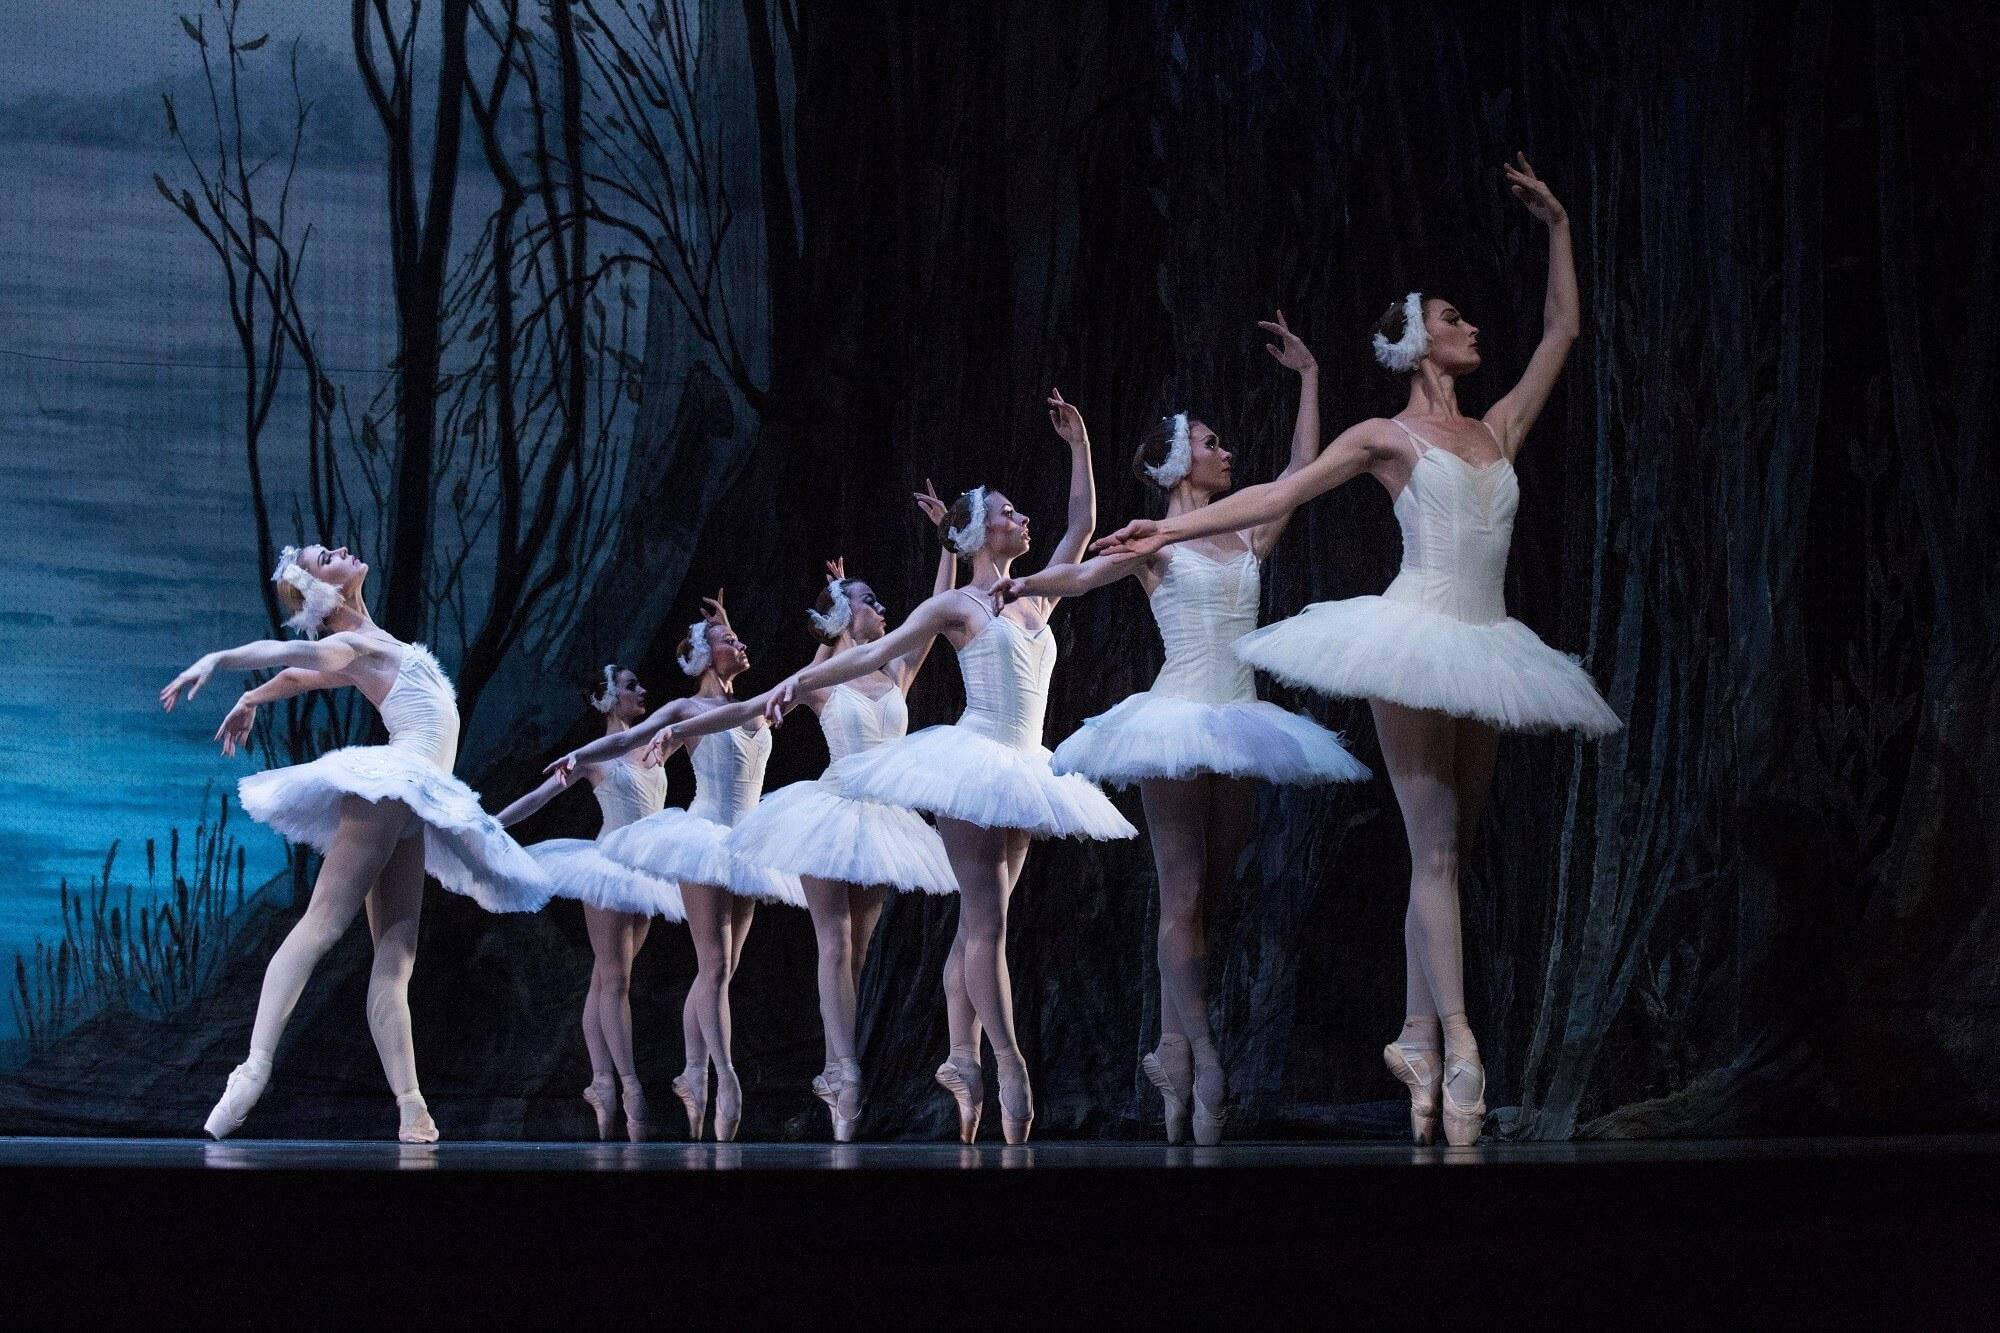 Beroemde ballet Het Zwanenmeer opnieuw in het theater